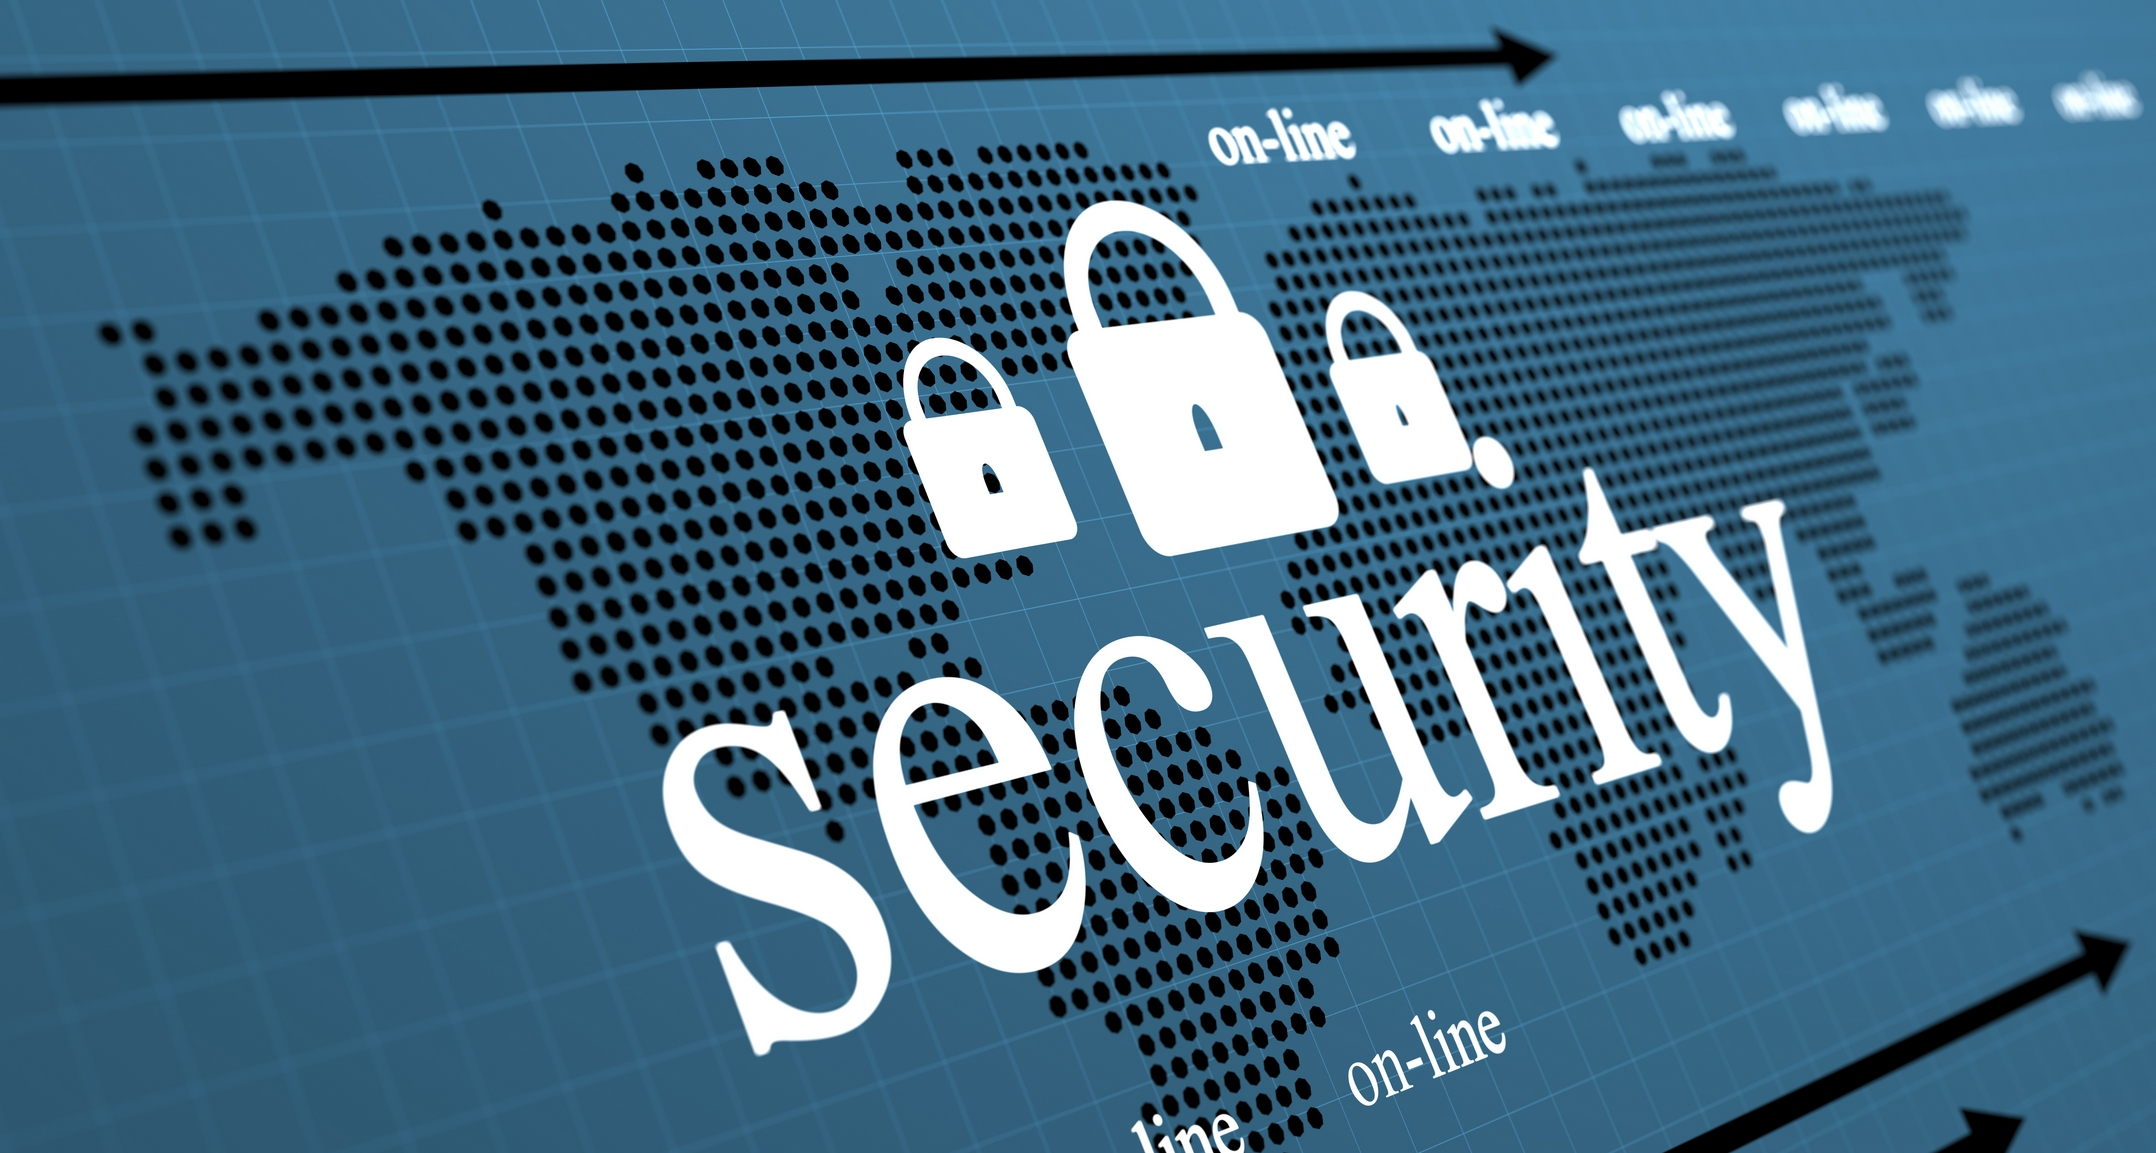 Определены принципы предотвращения киберпреступлений